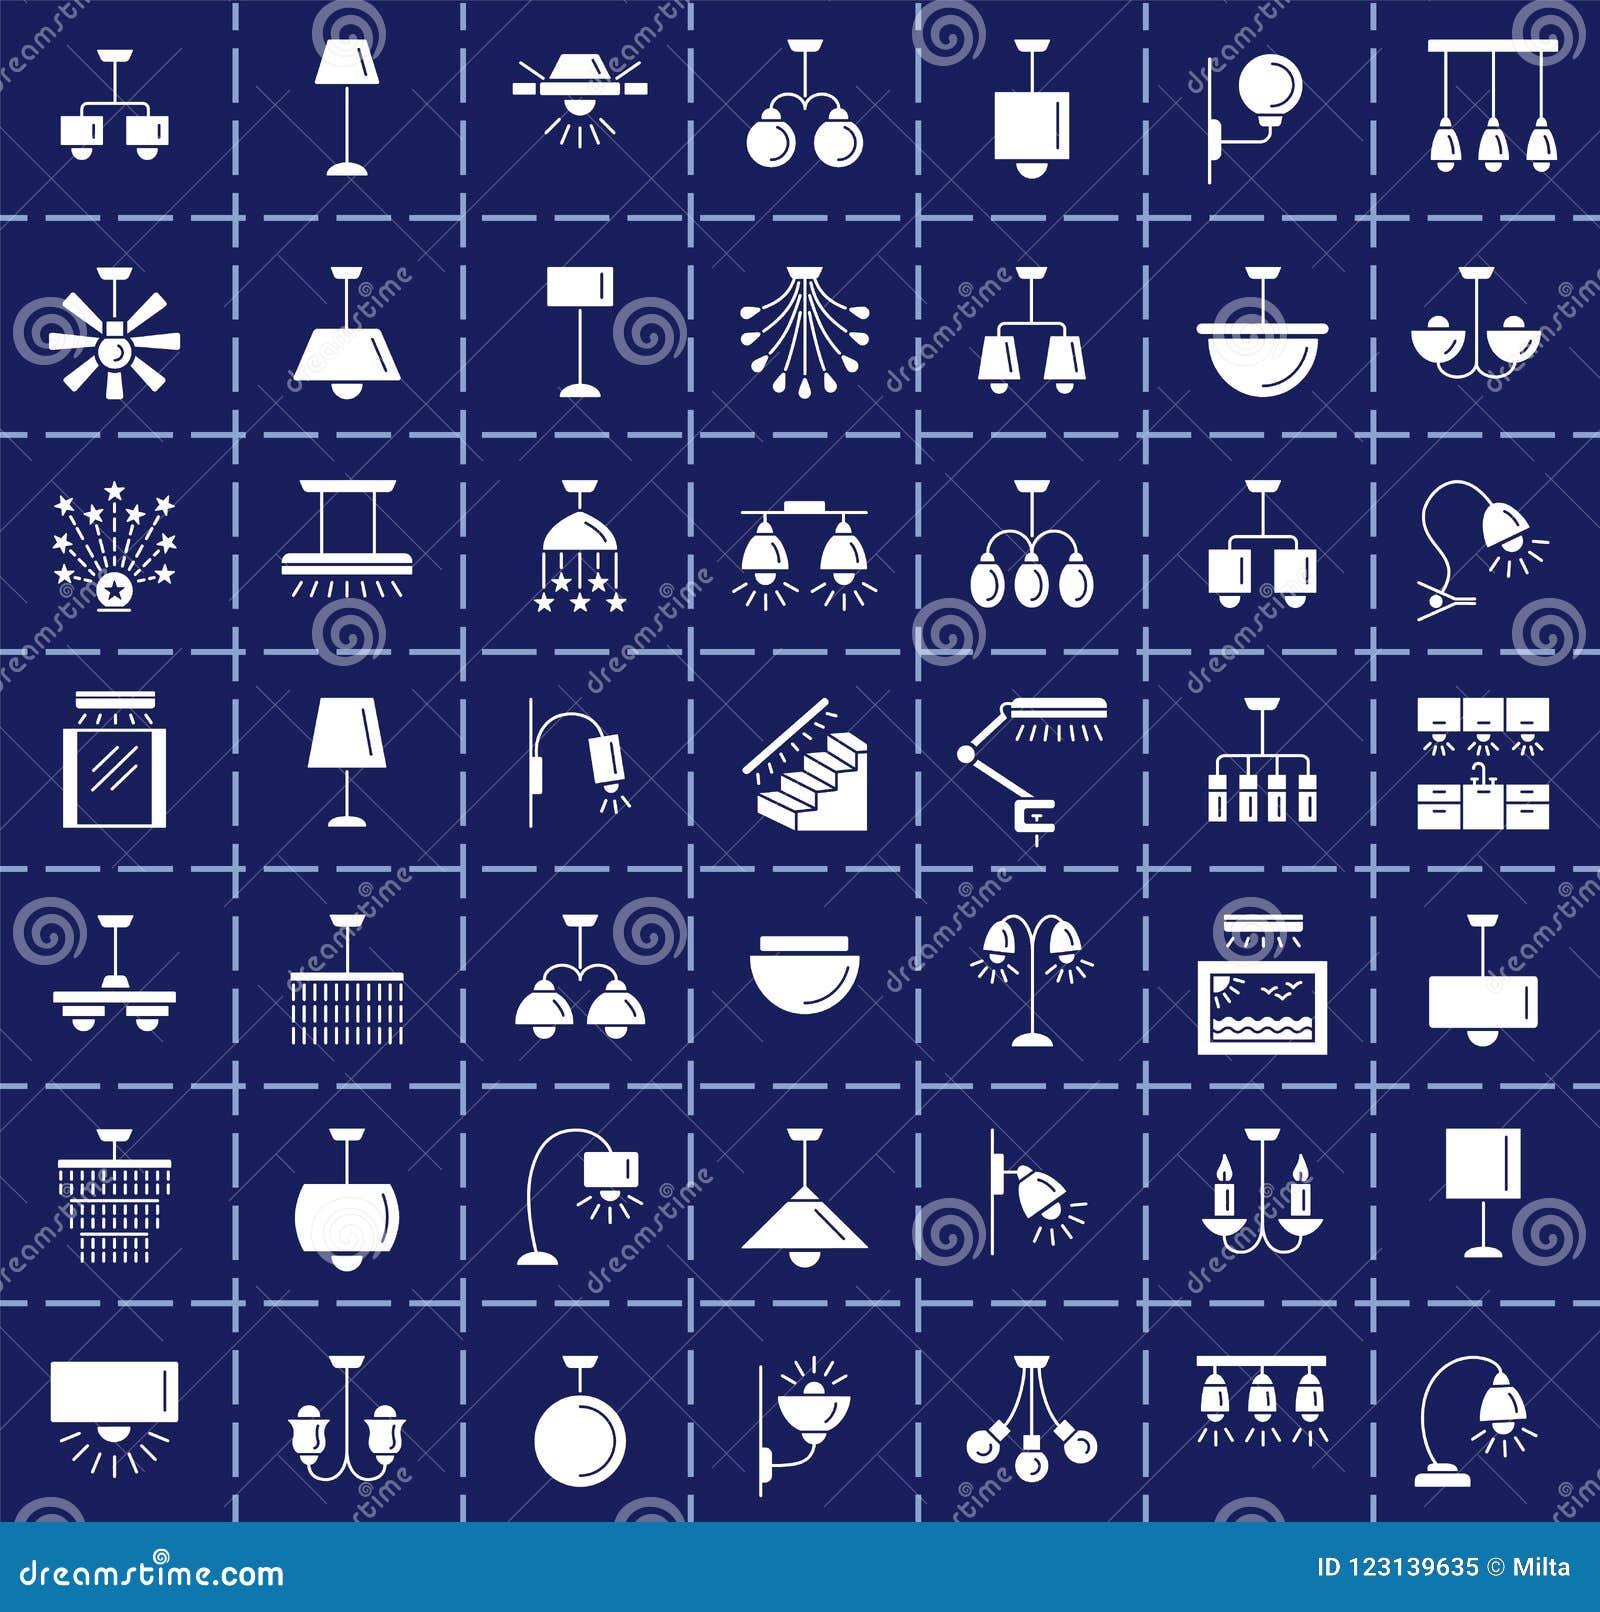 Diferentes tipos de pared, de techo, de tabla y de lámparas de pie moderno